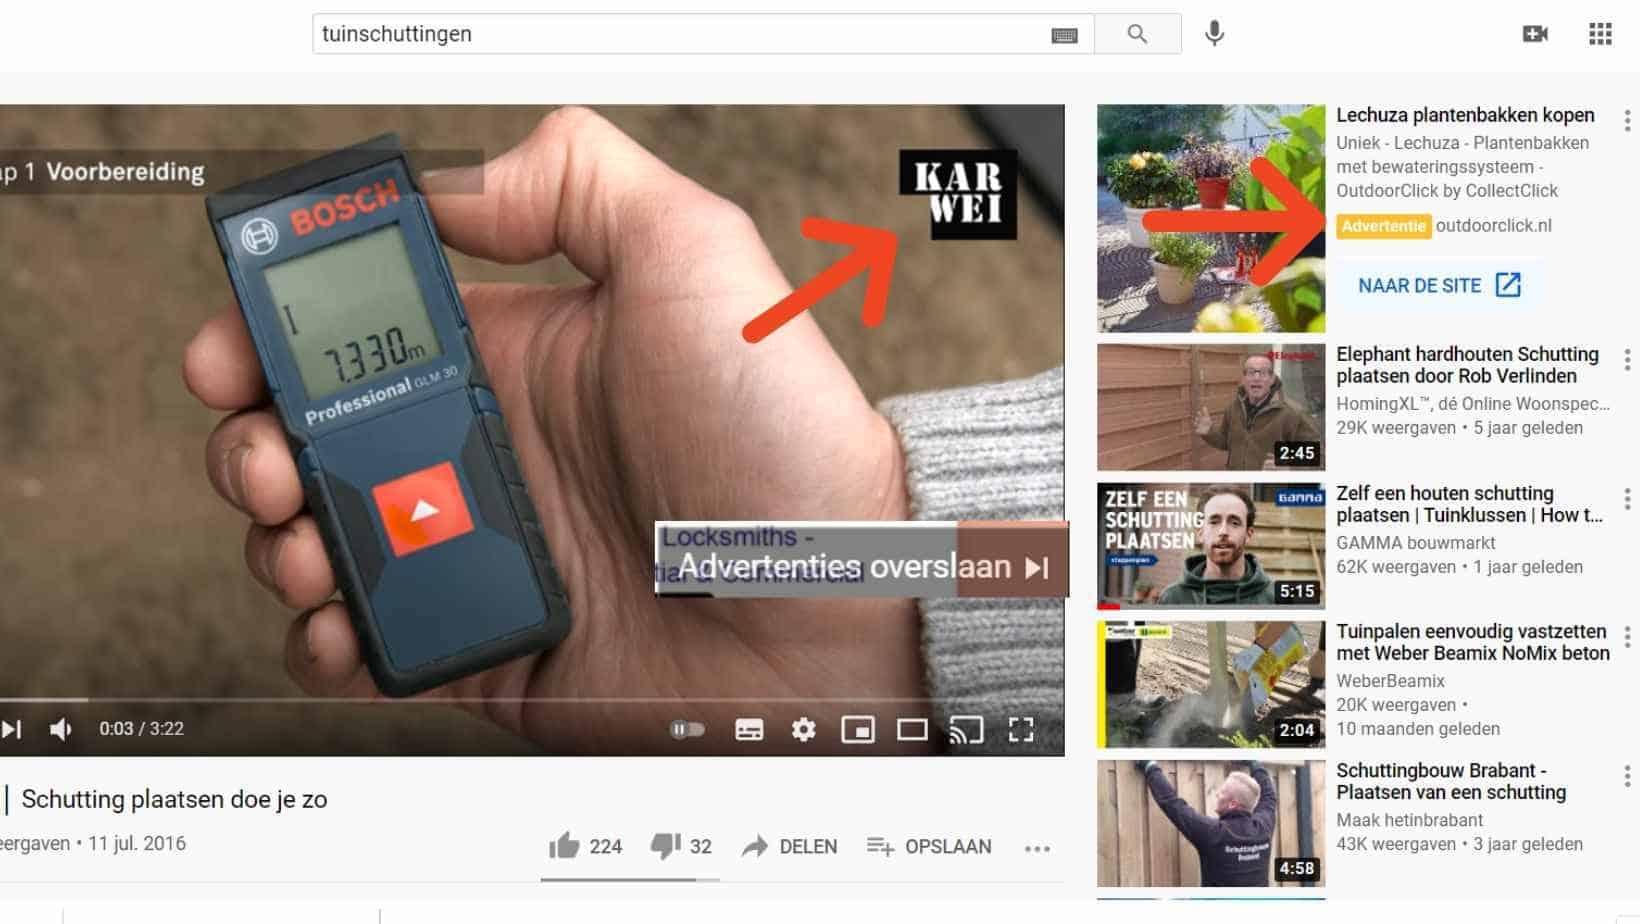 Adverteren in YouTube